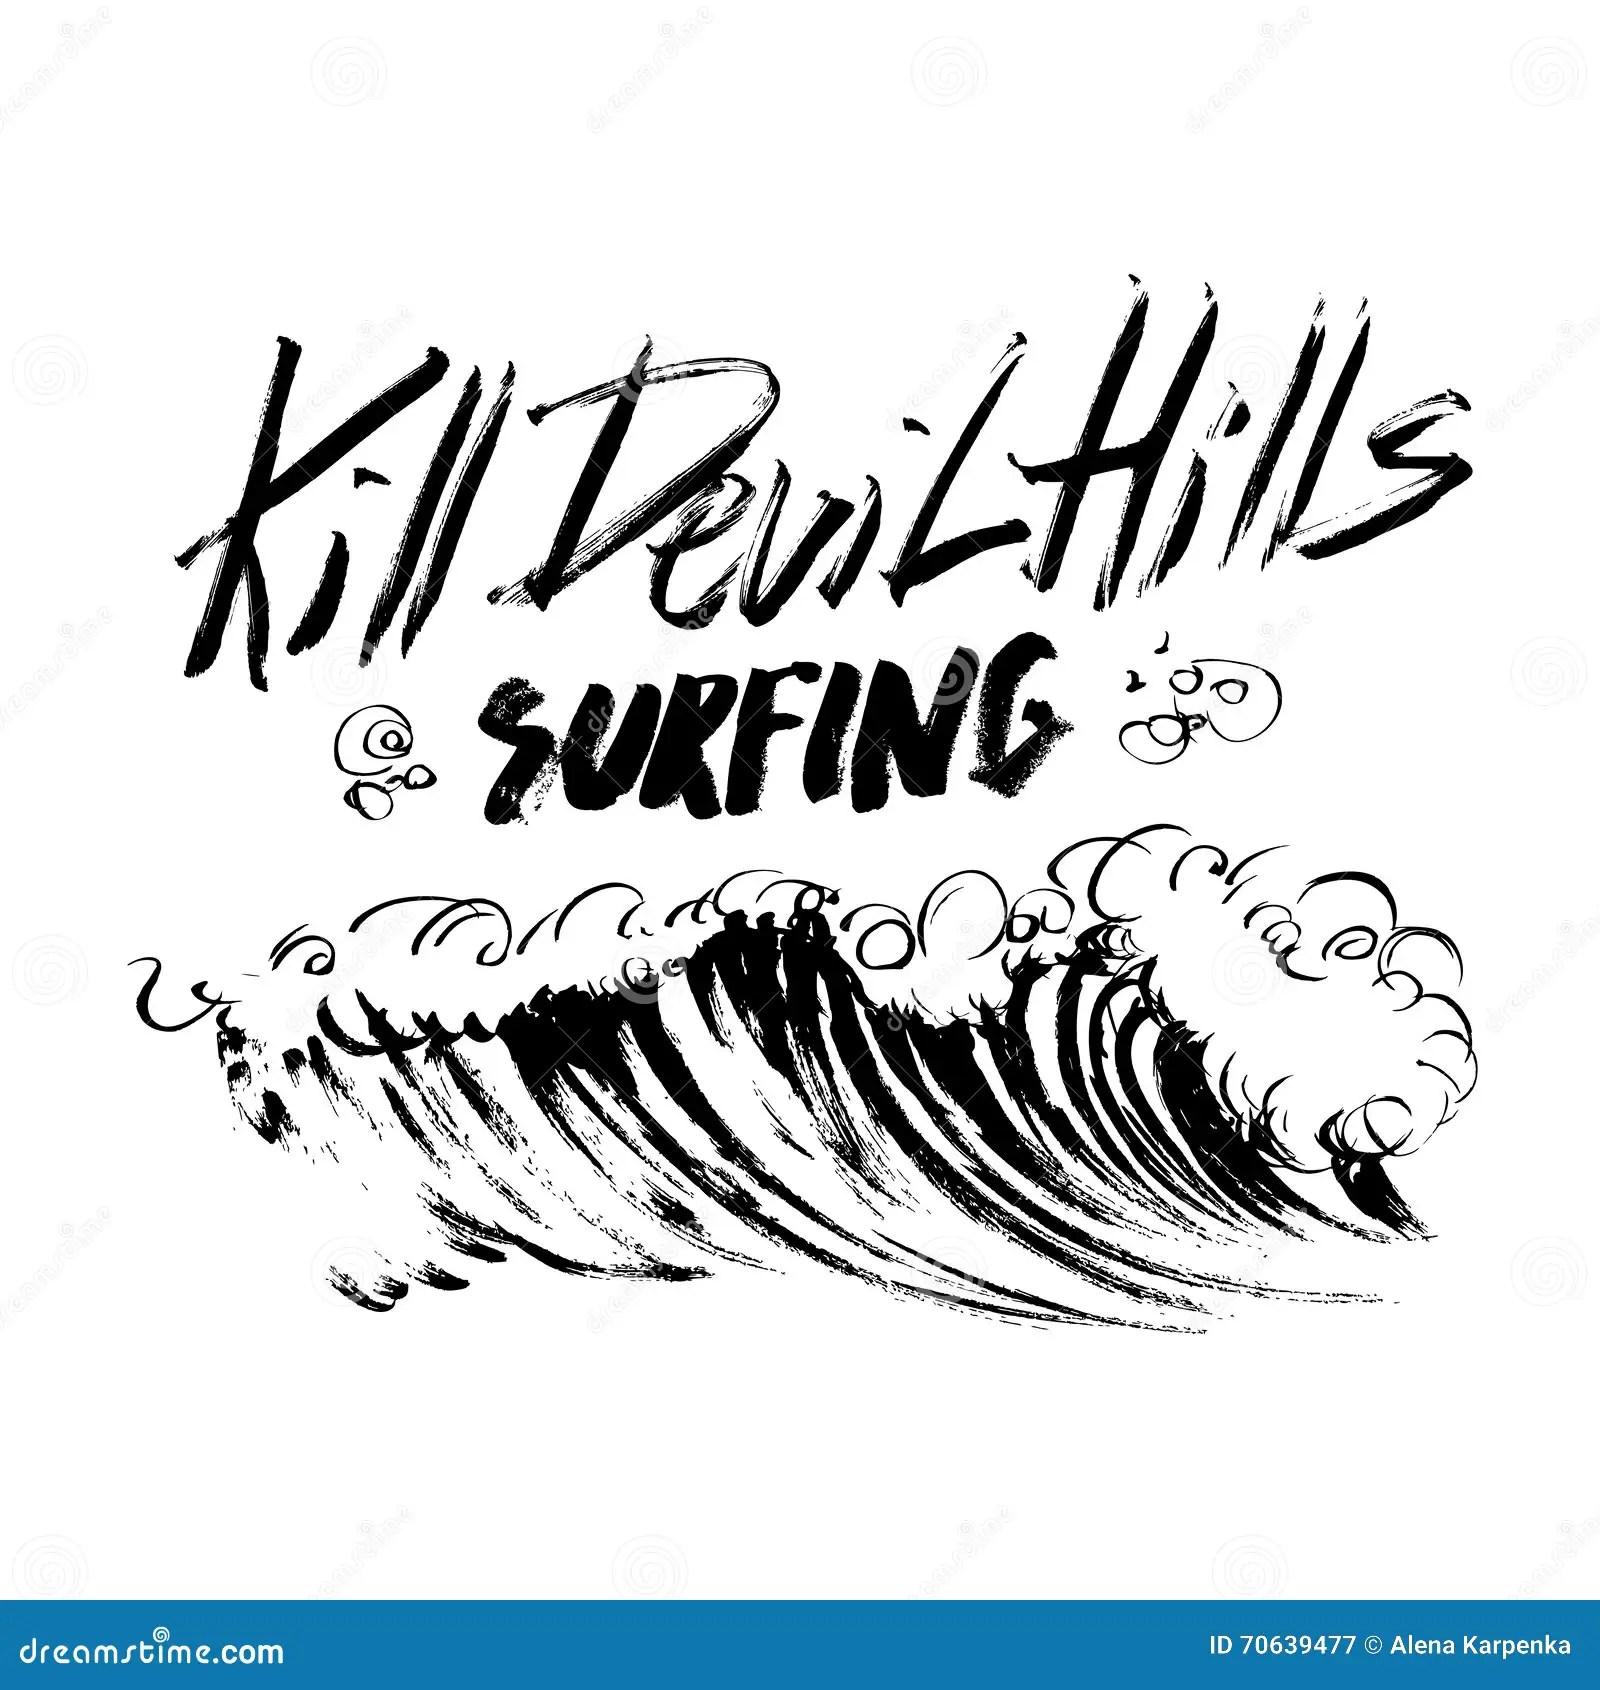 Handdrawn Brush Lettering Cartoon Vector